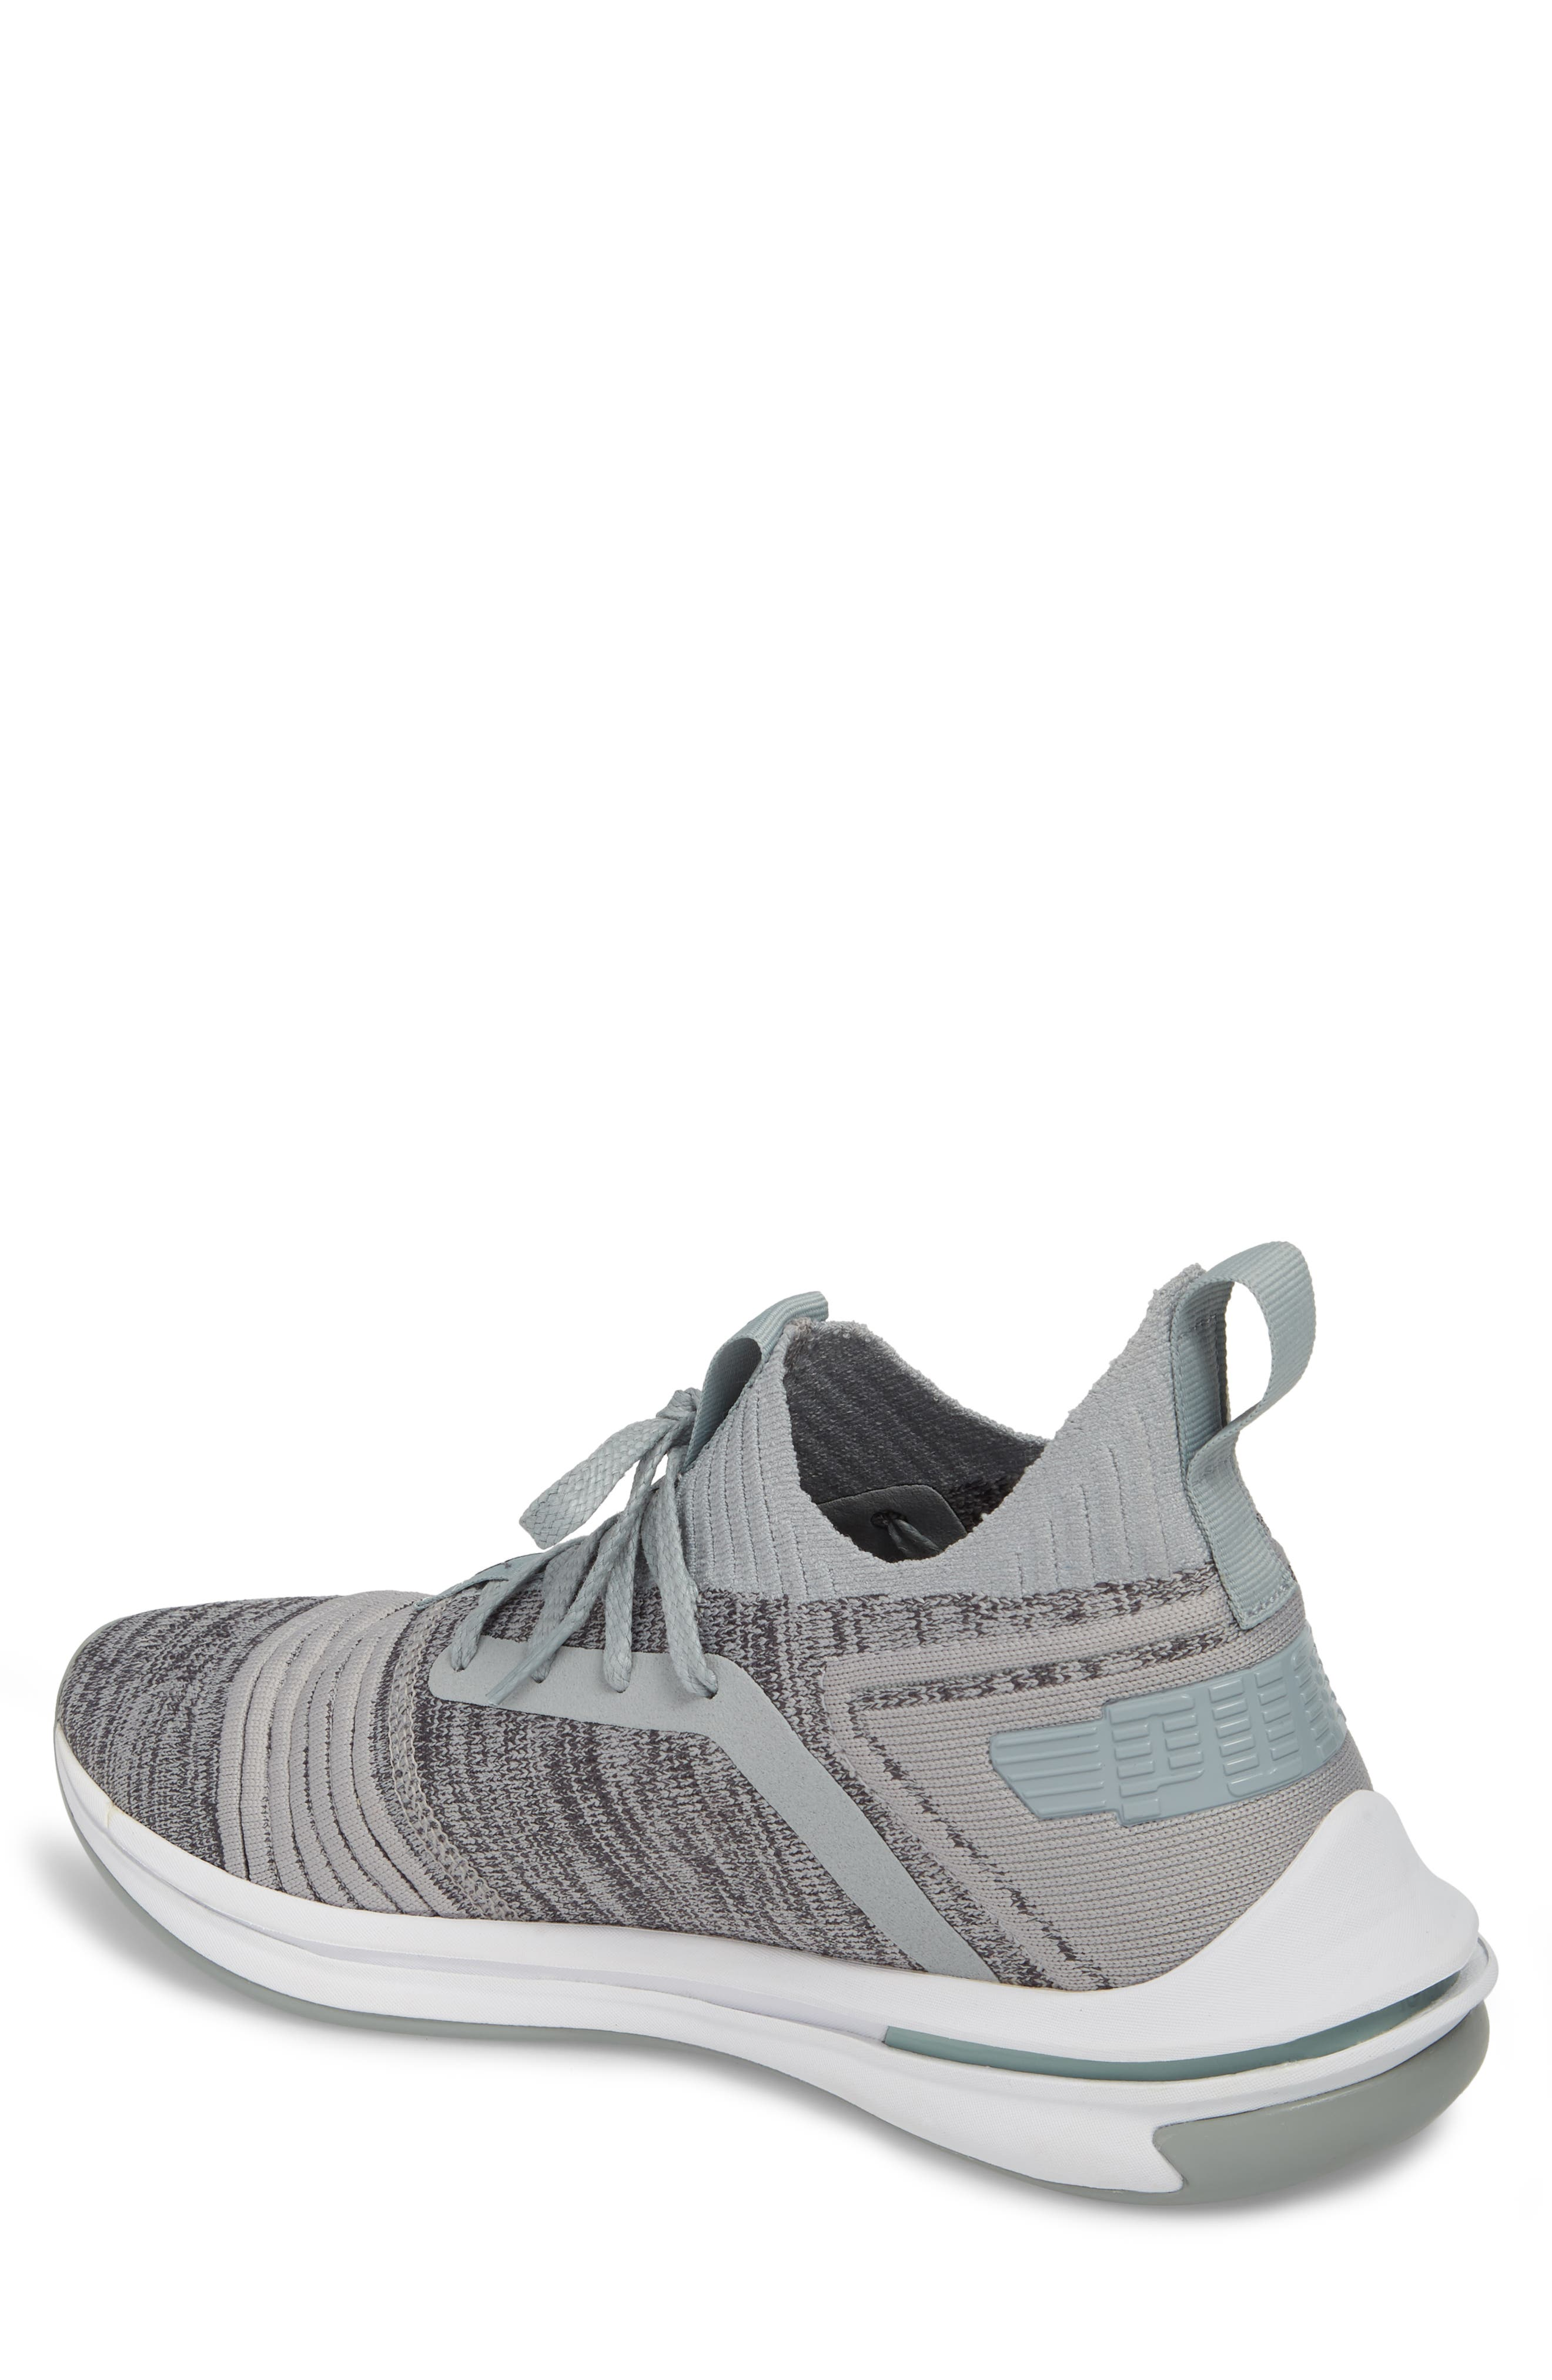 IGNITE Limitless SR evoKNIT Sneaker,                             Alternate thumbnail 4, color,